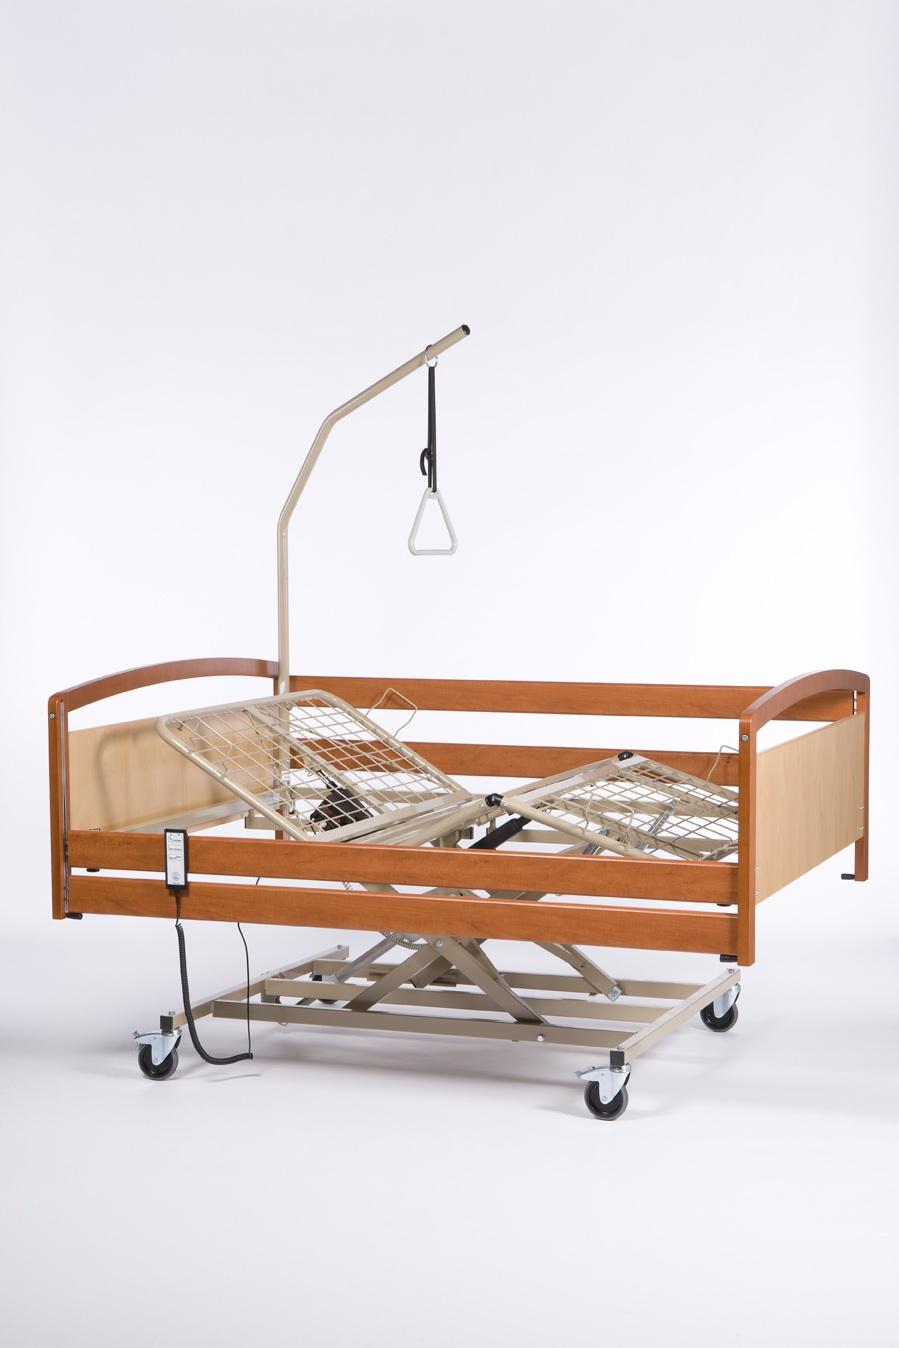 INTERVAL XXL Łóżko rehabilitacyjne dla osób ciężkich